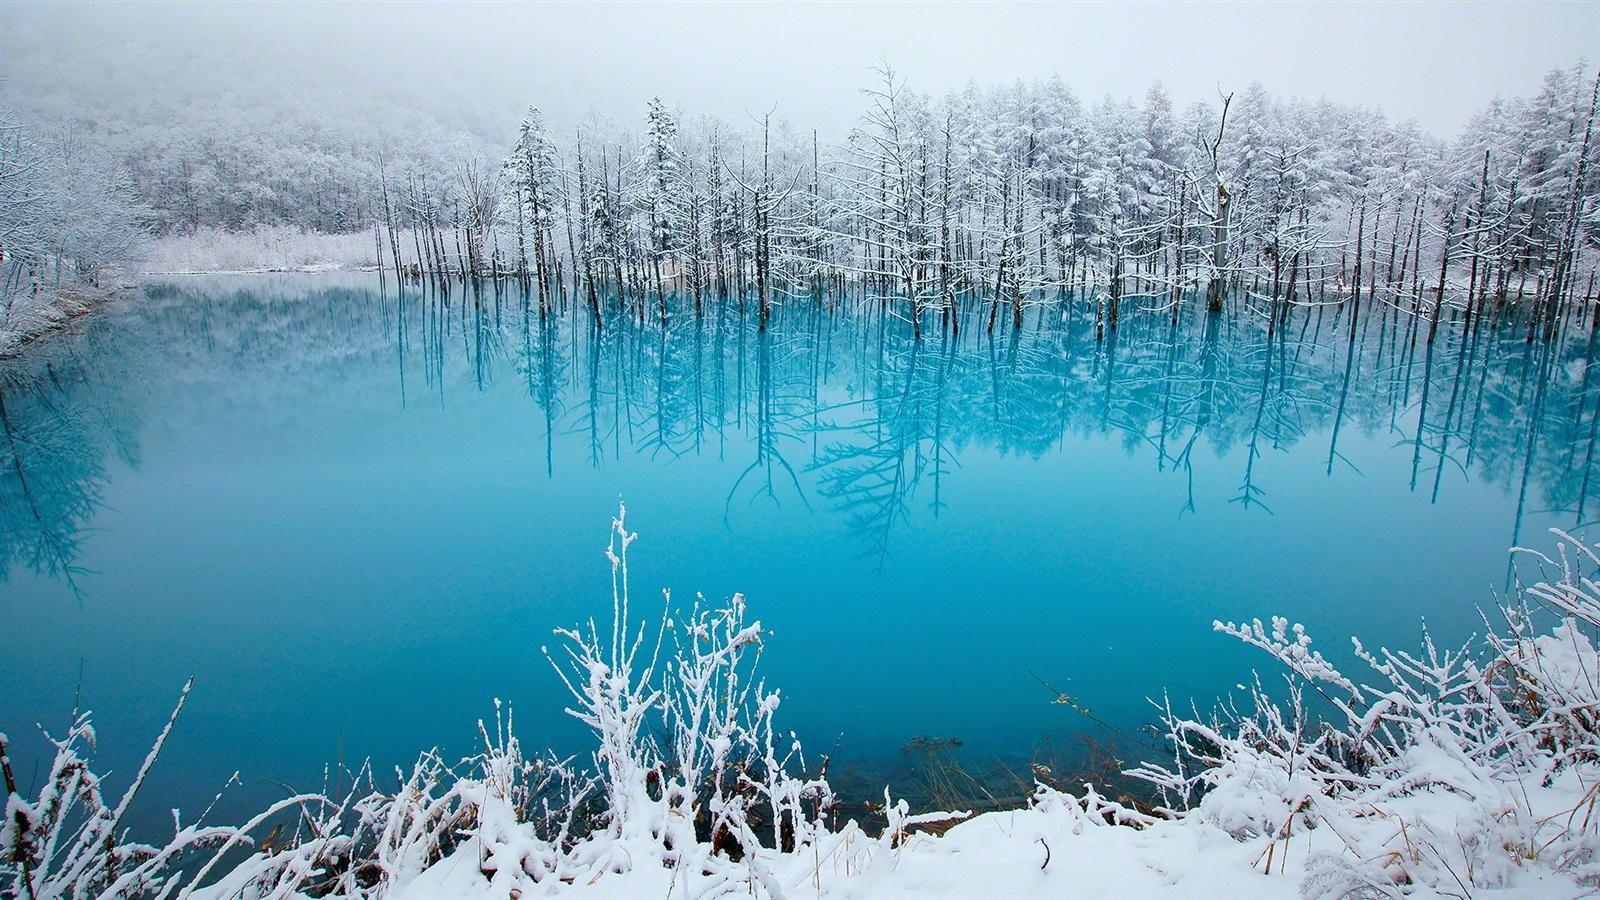 壁纸日本 北海道 蓝塘 树木 雪 冬天1920x1080 Full Hd 2k 高清